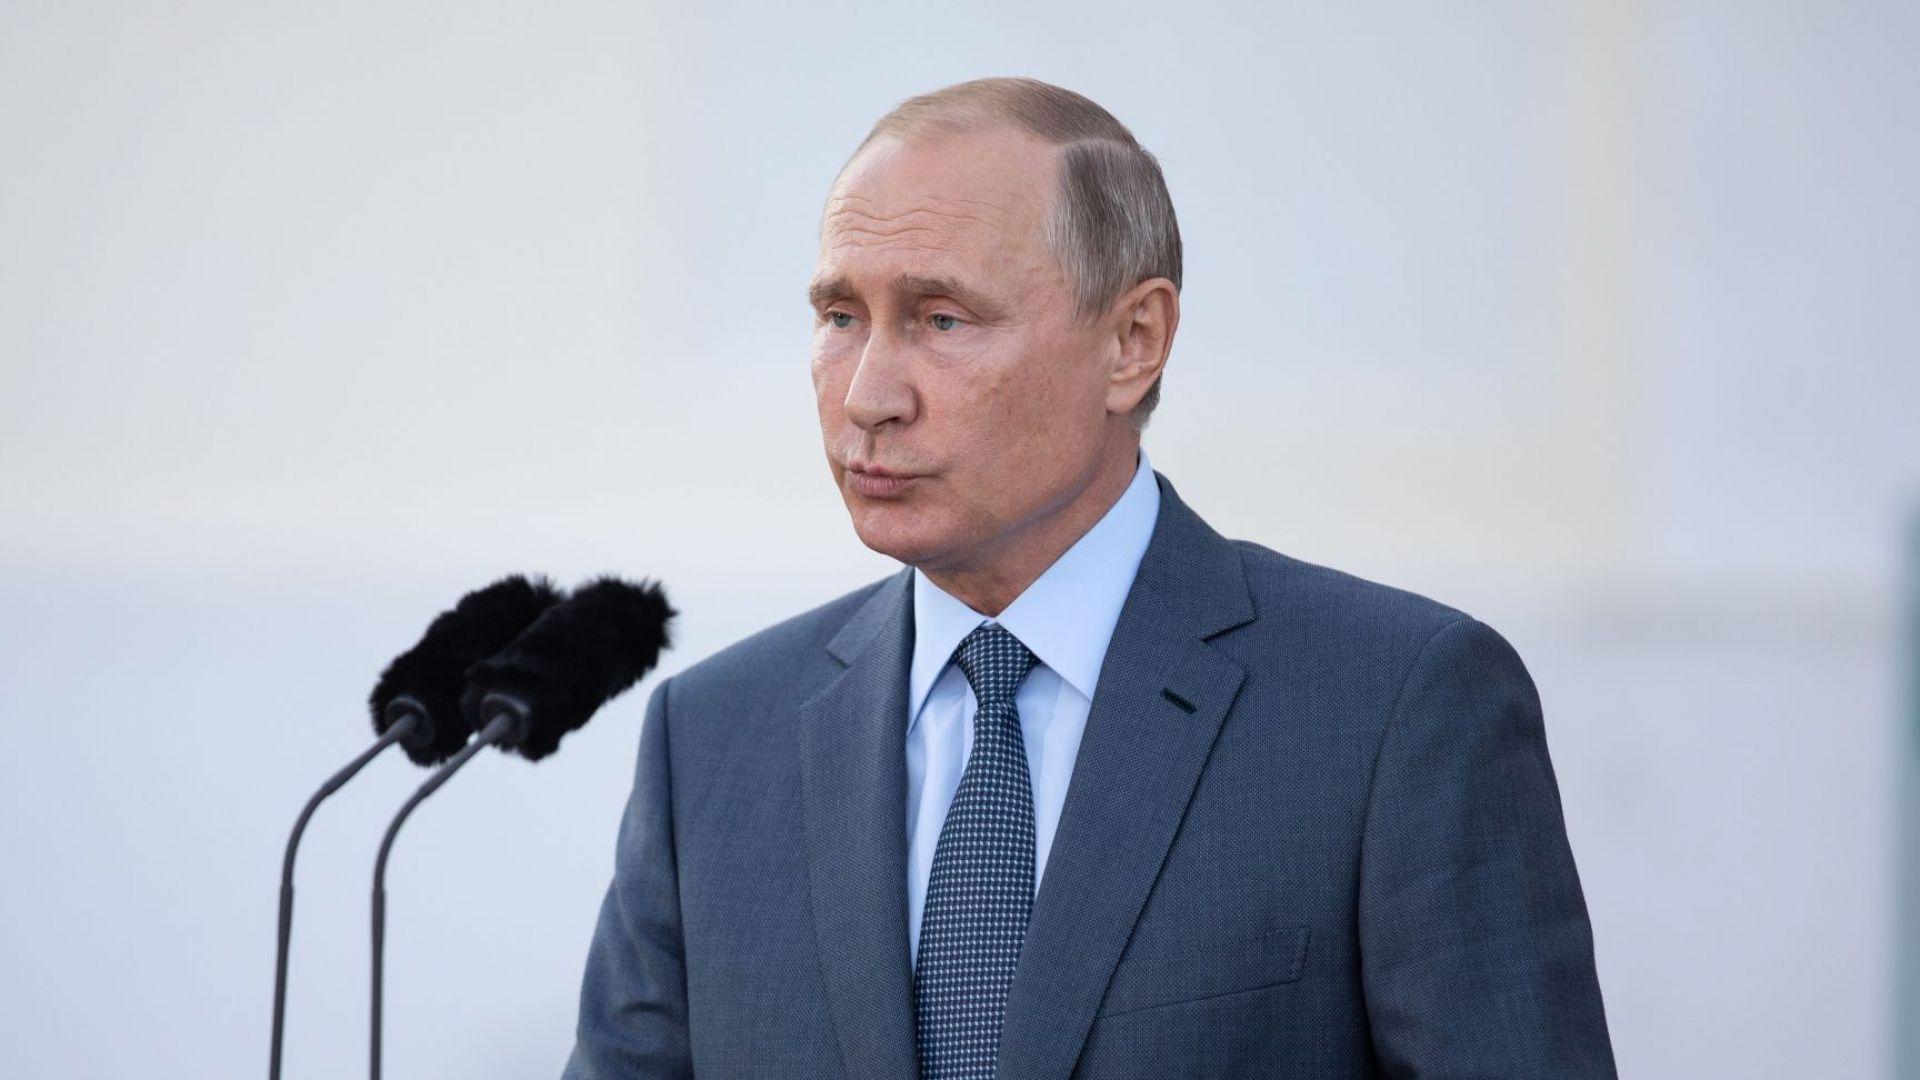 Путин към Европа: Не проявявайте слабост като България в защитата на интересите си